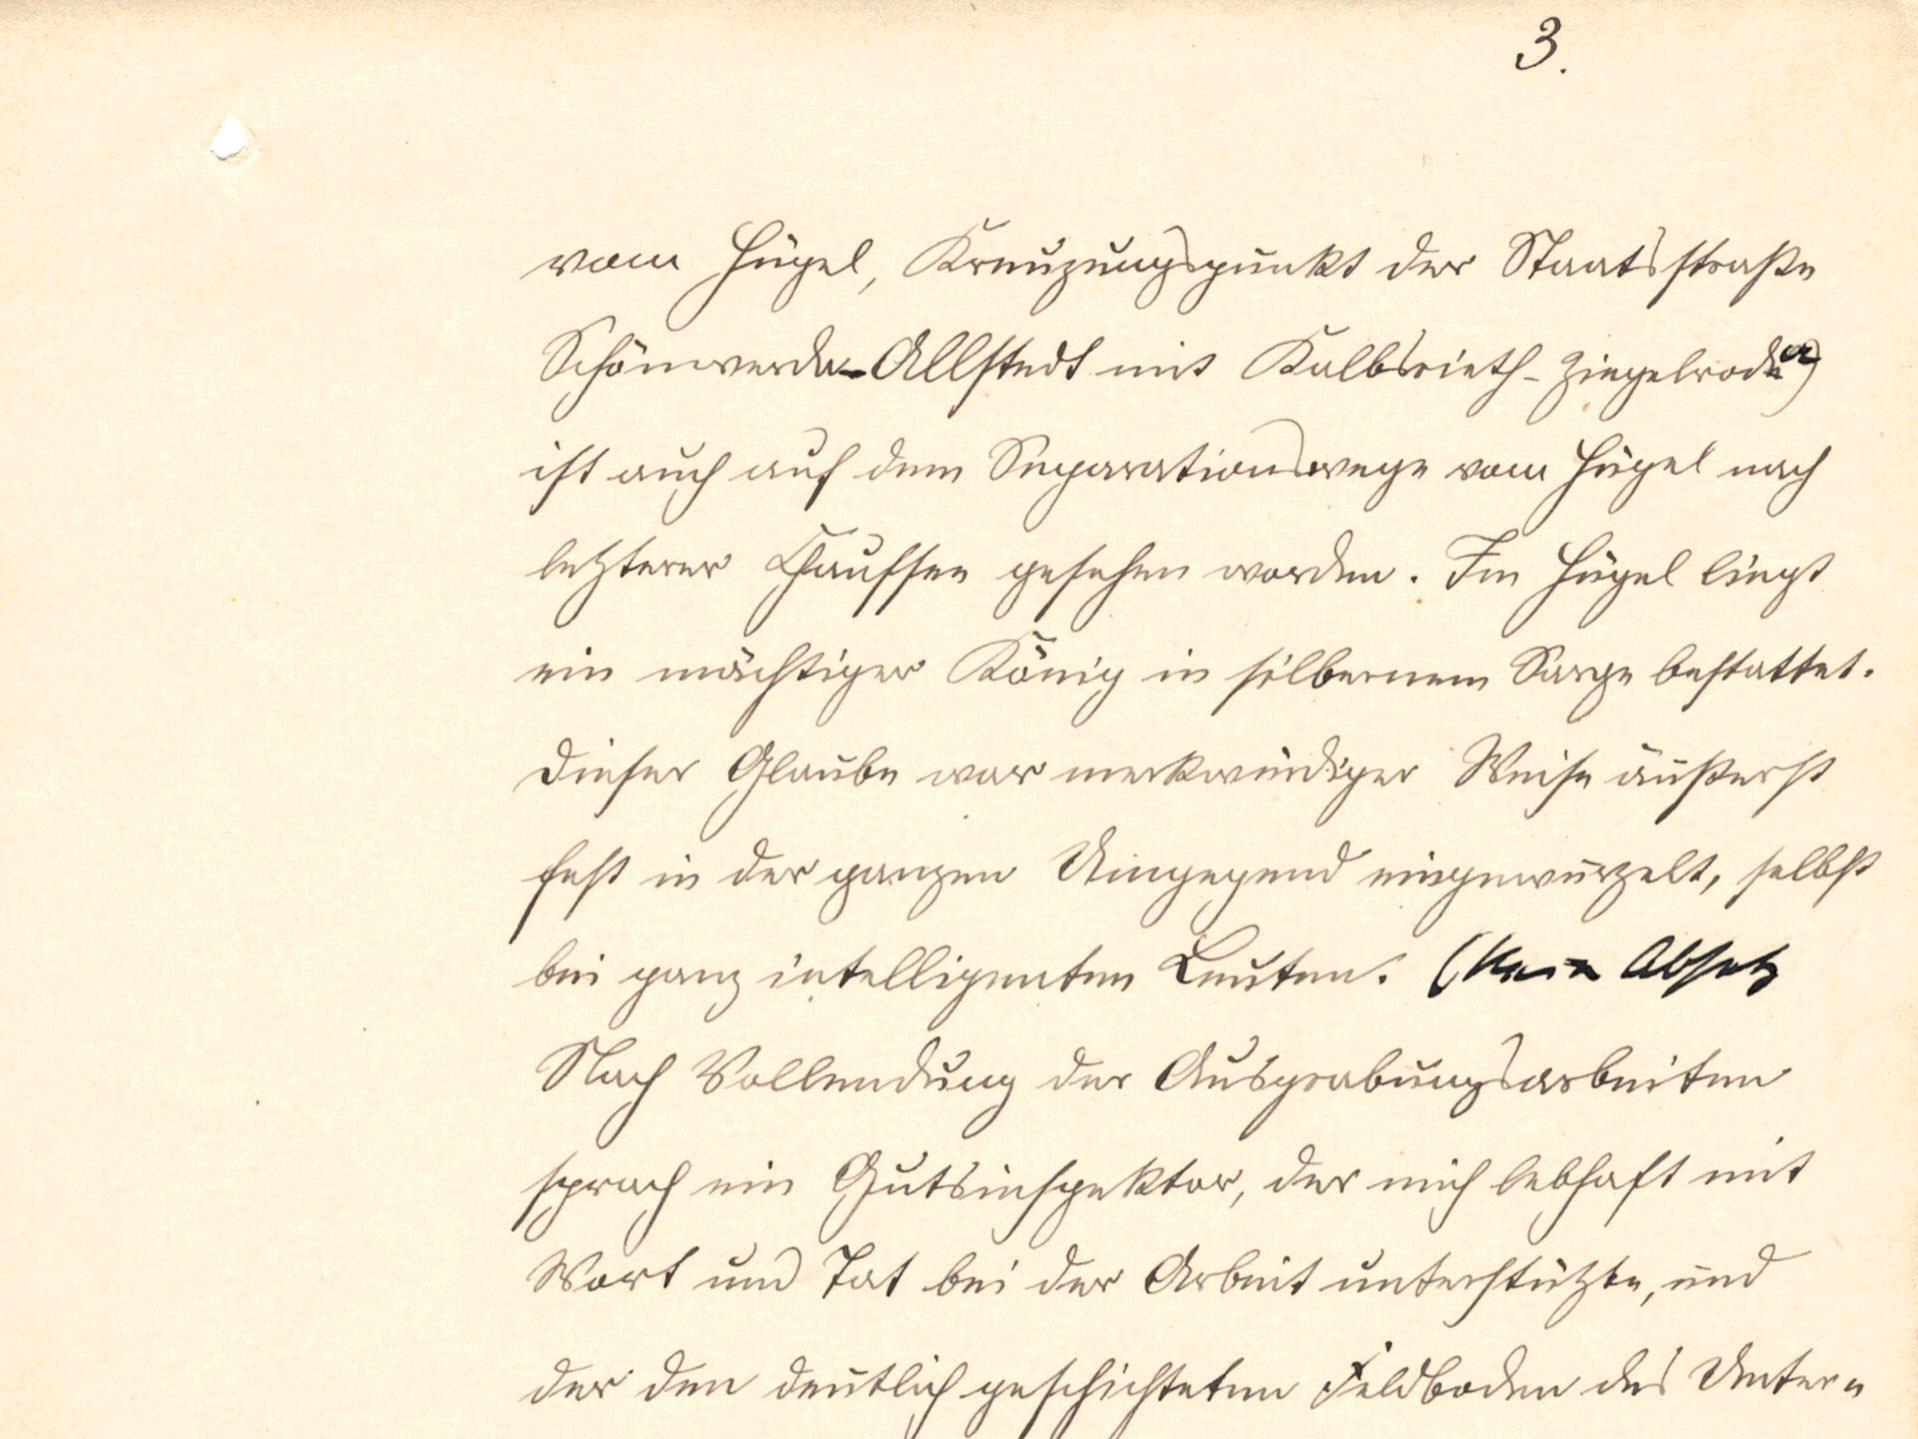 Manuskriptseite in altdeutscher Handschrift auf vergilbtem Papier